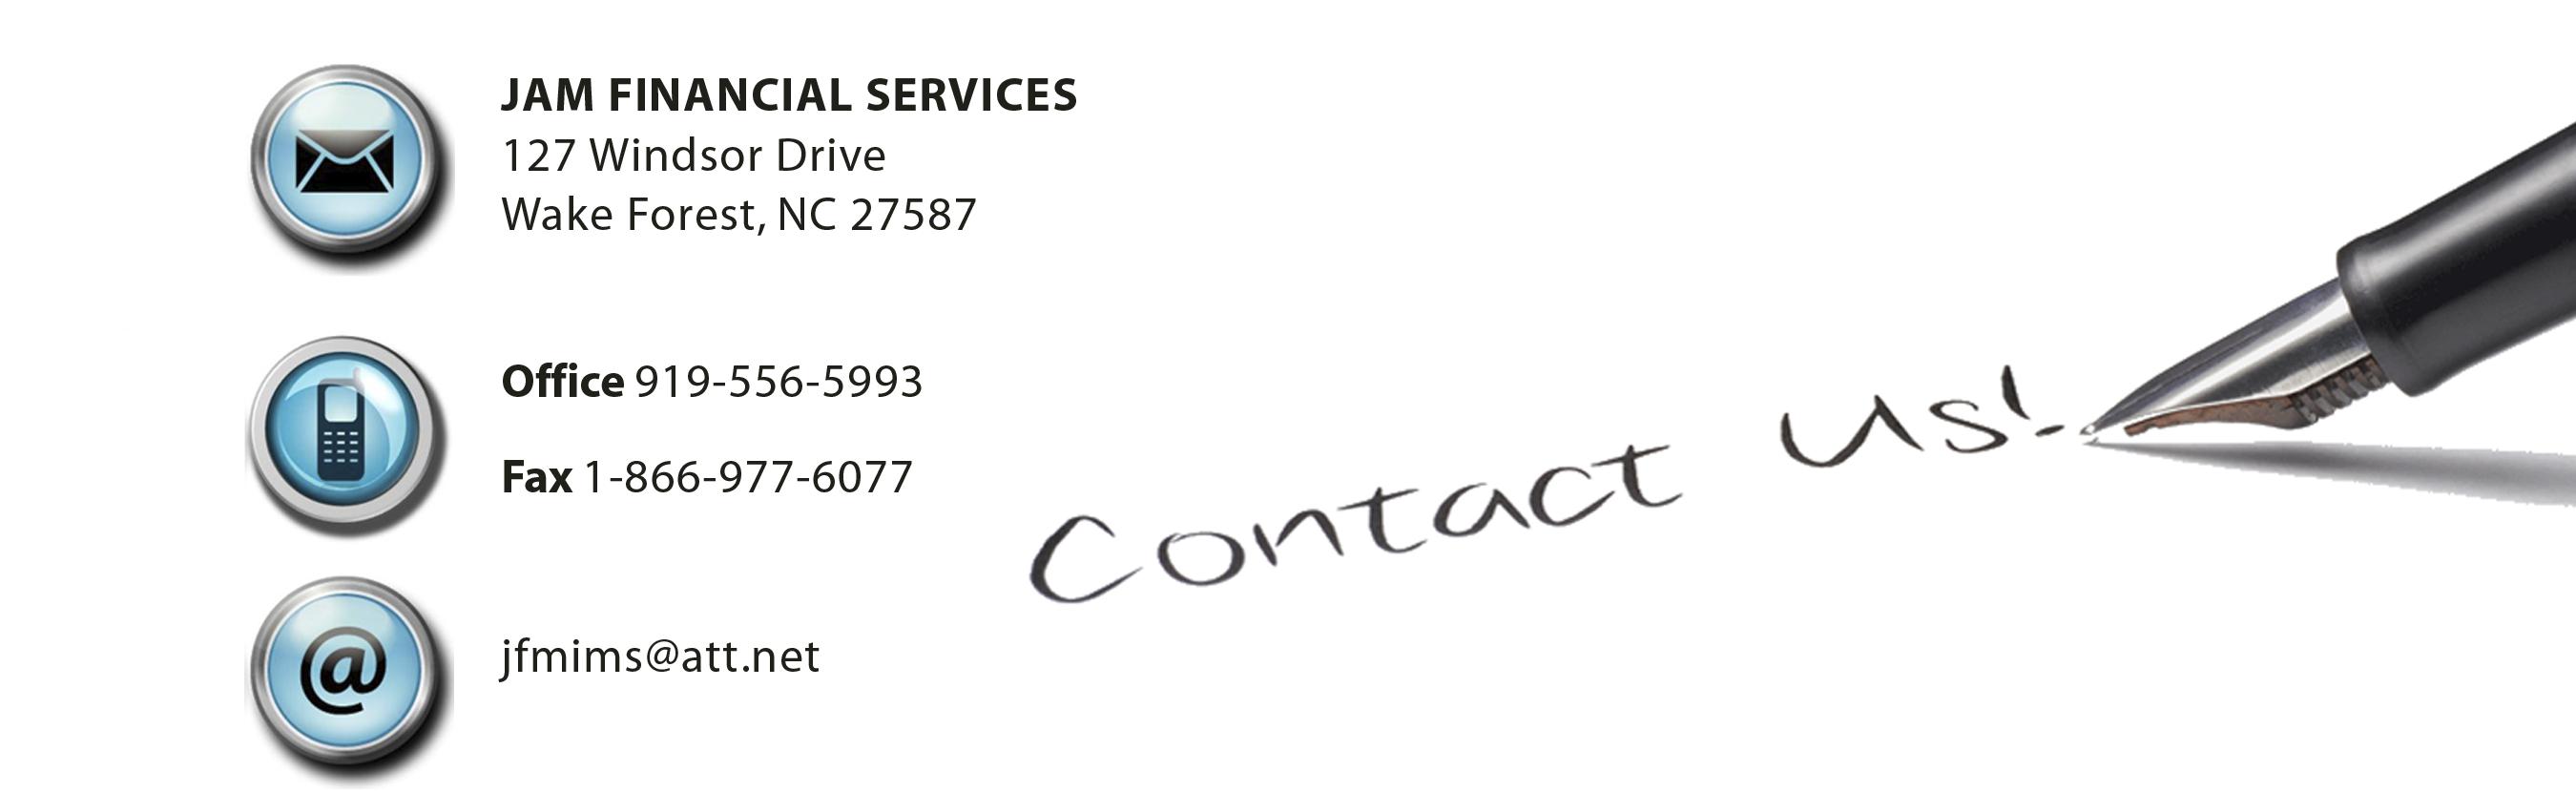 JAM Contact 2 - 022216